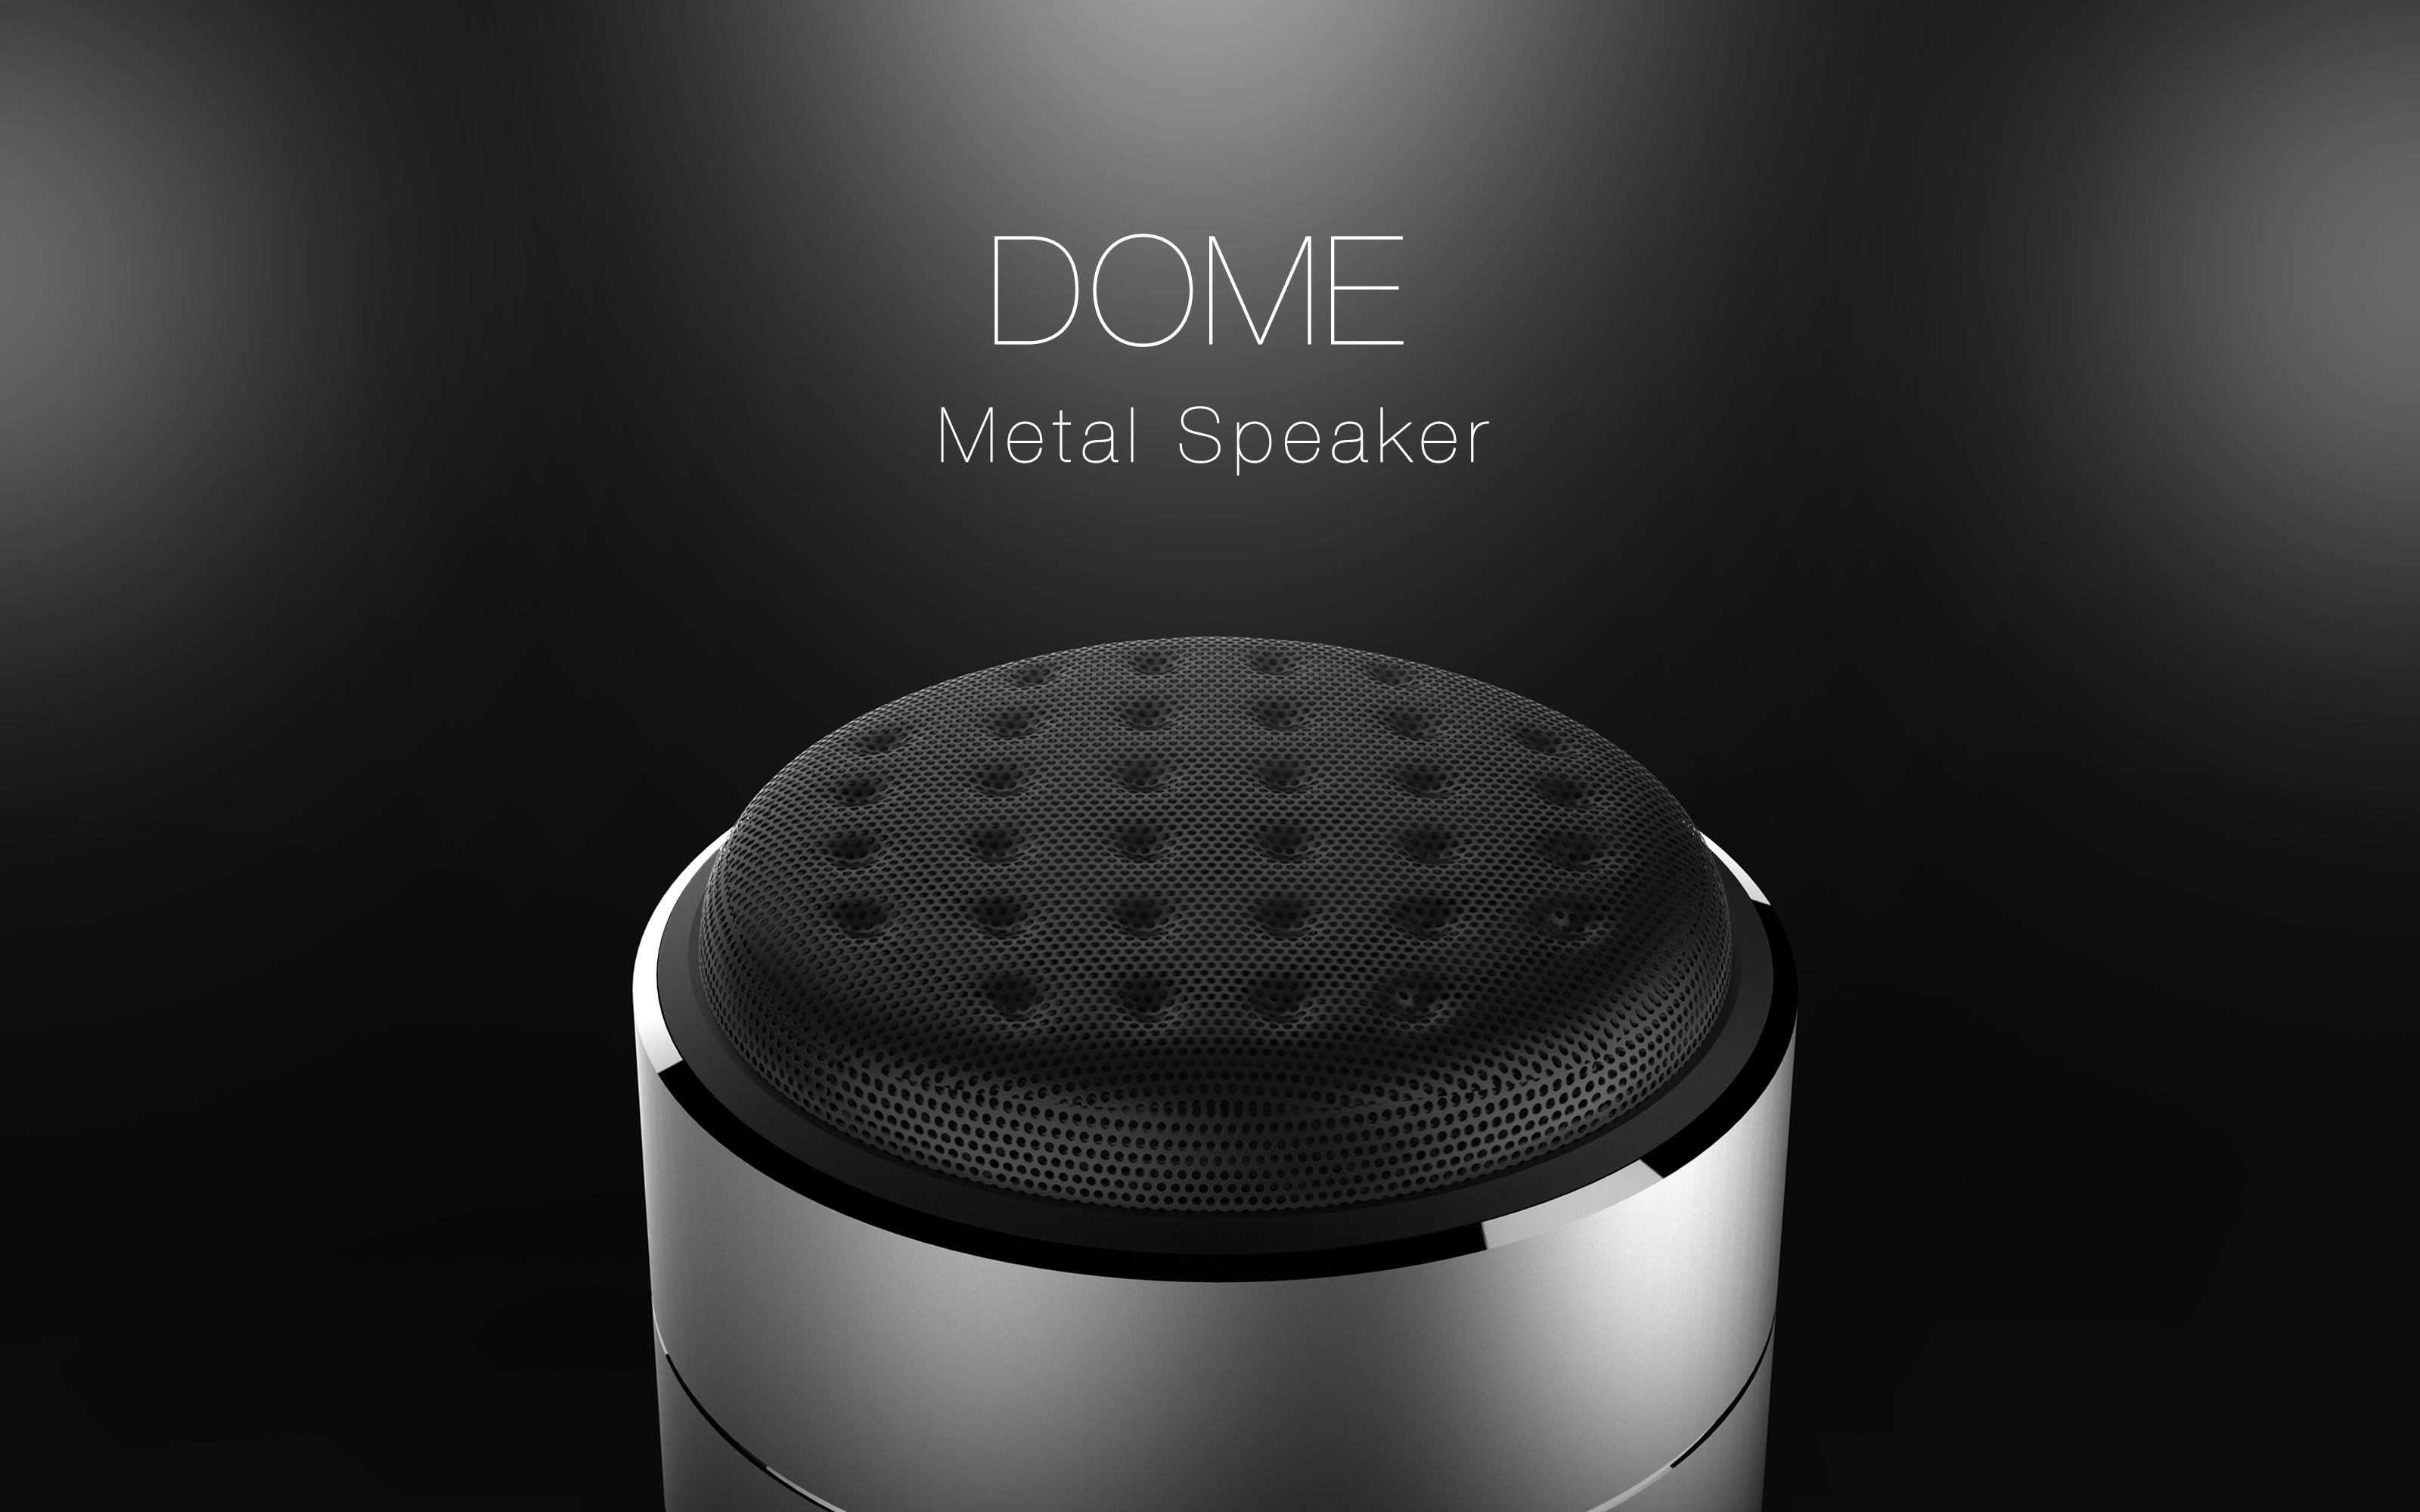 Quà tặng công nghệ - Loa bluetooth Dome